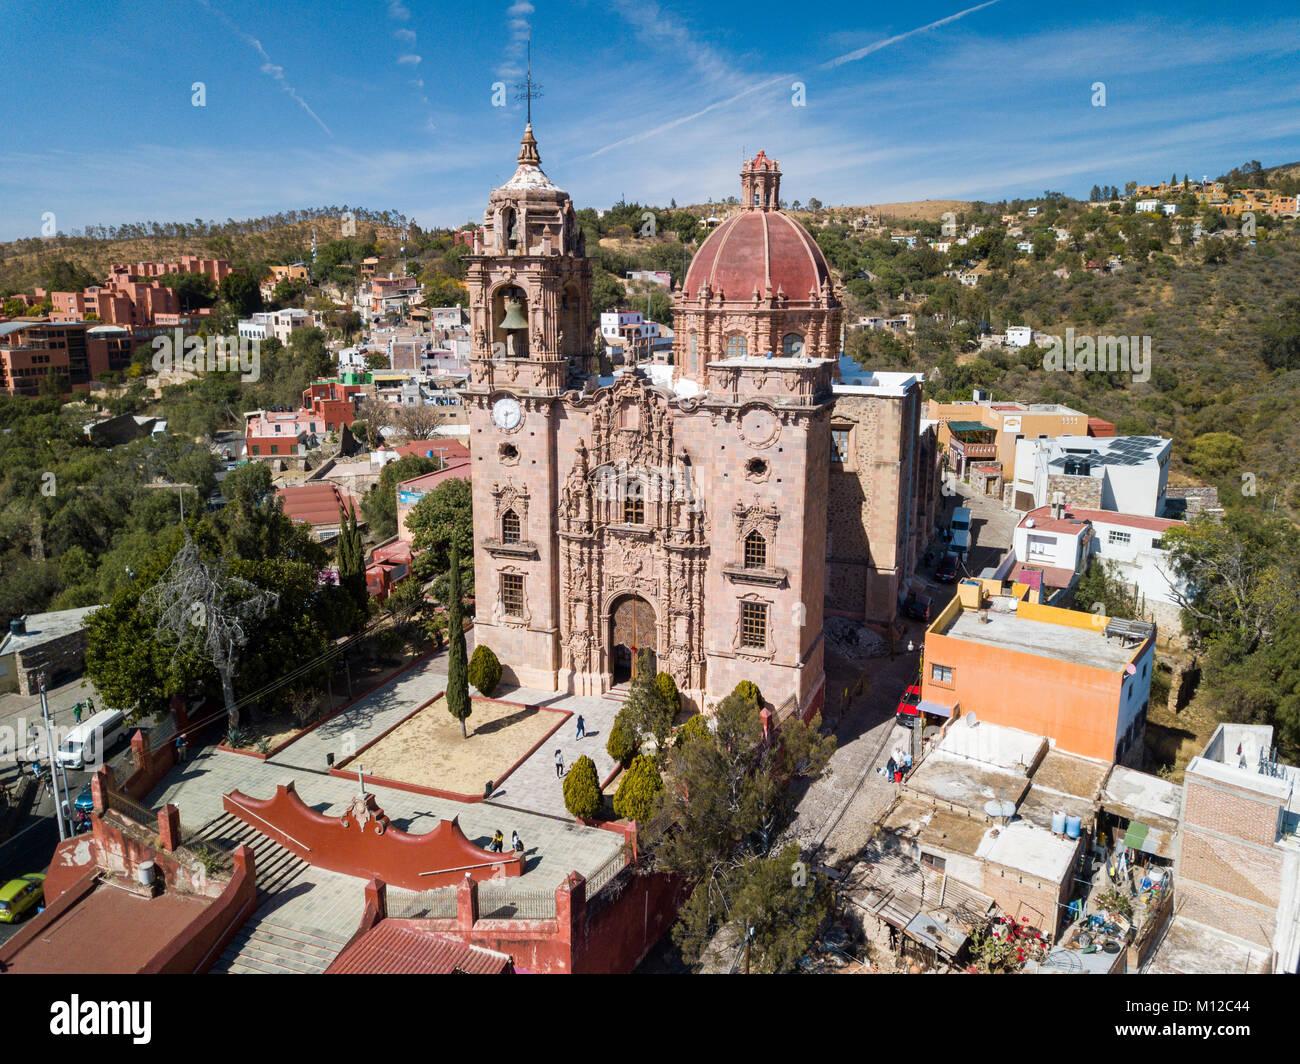 Iglesia de la Valenciana, also known as Templo de San Cayetano, Guanajuato, Mexico - Stock Image